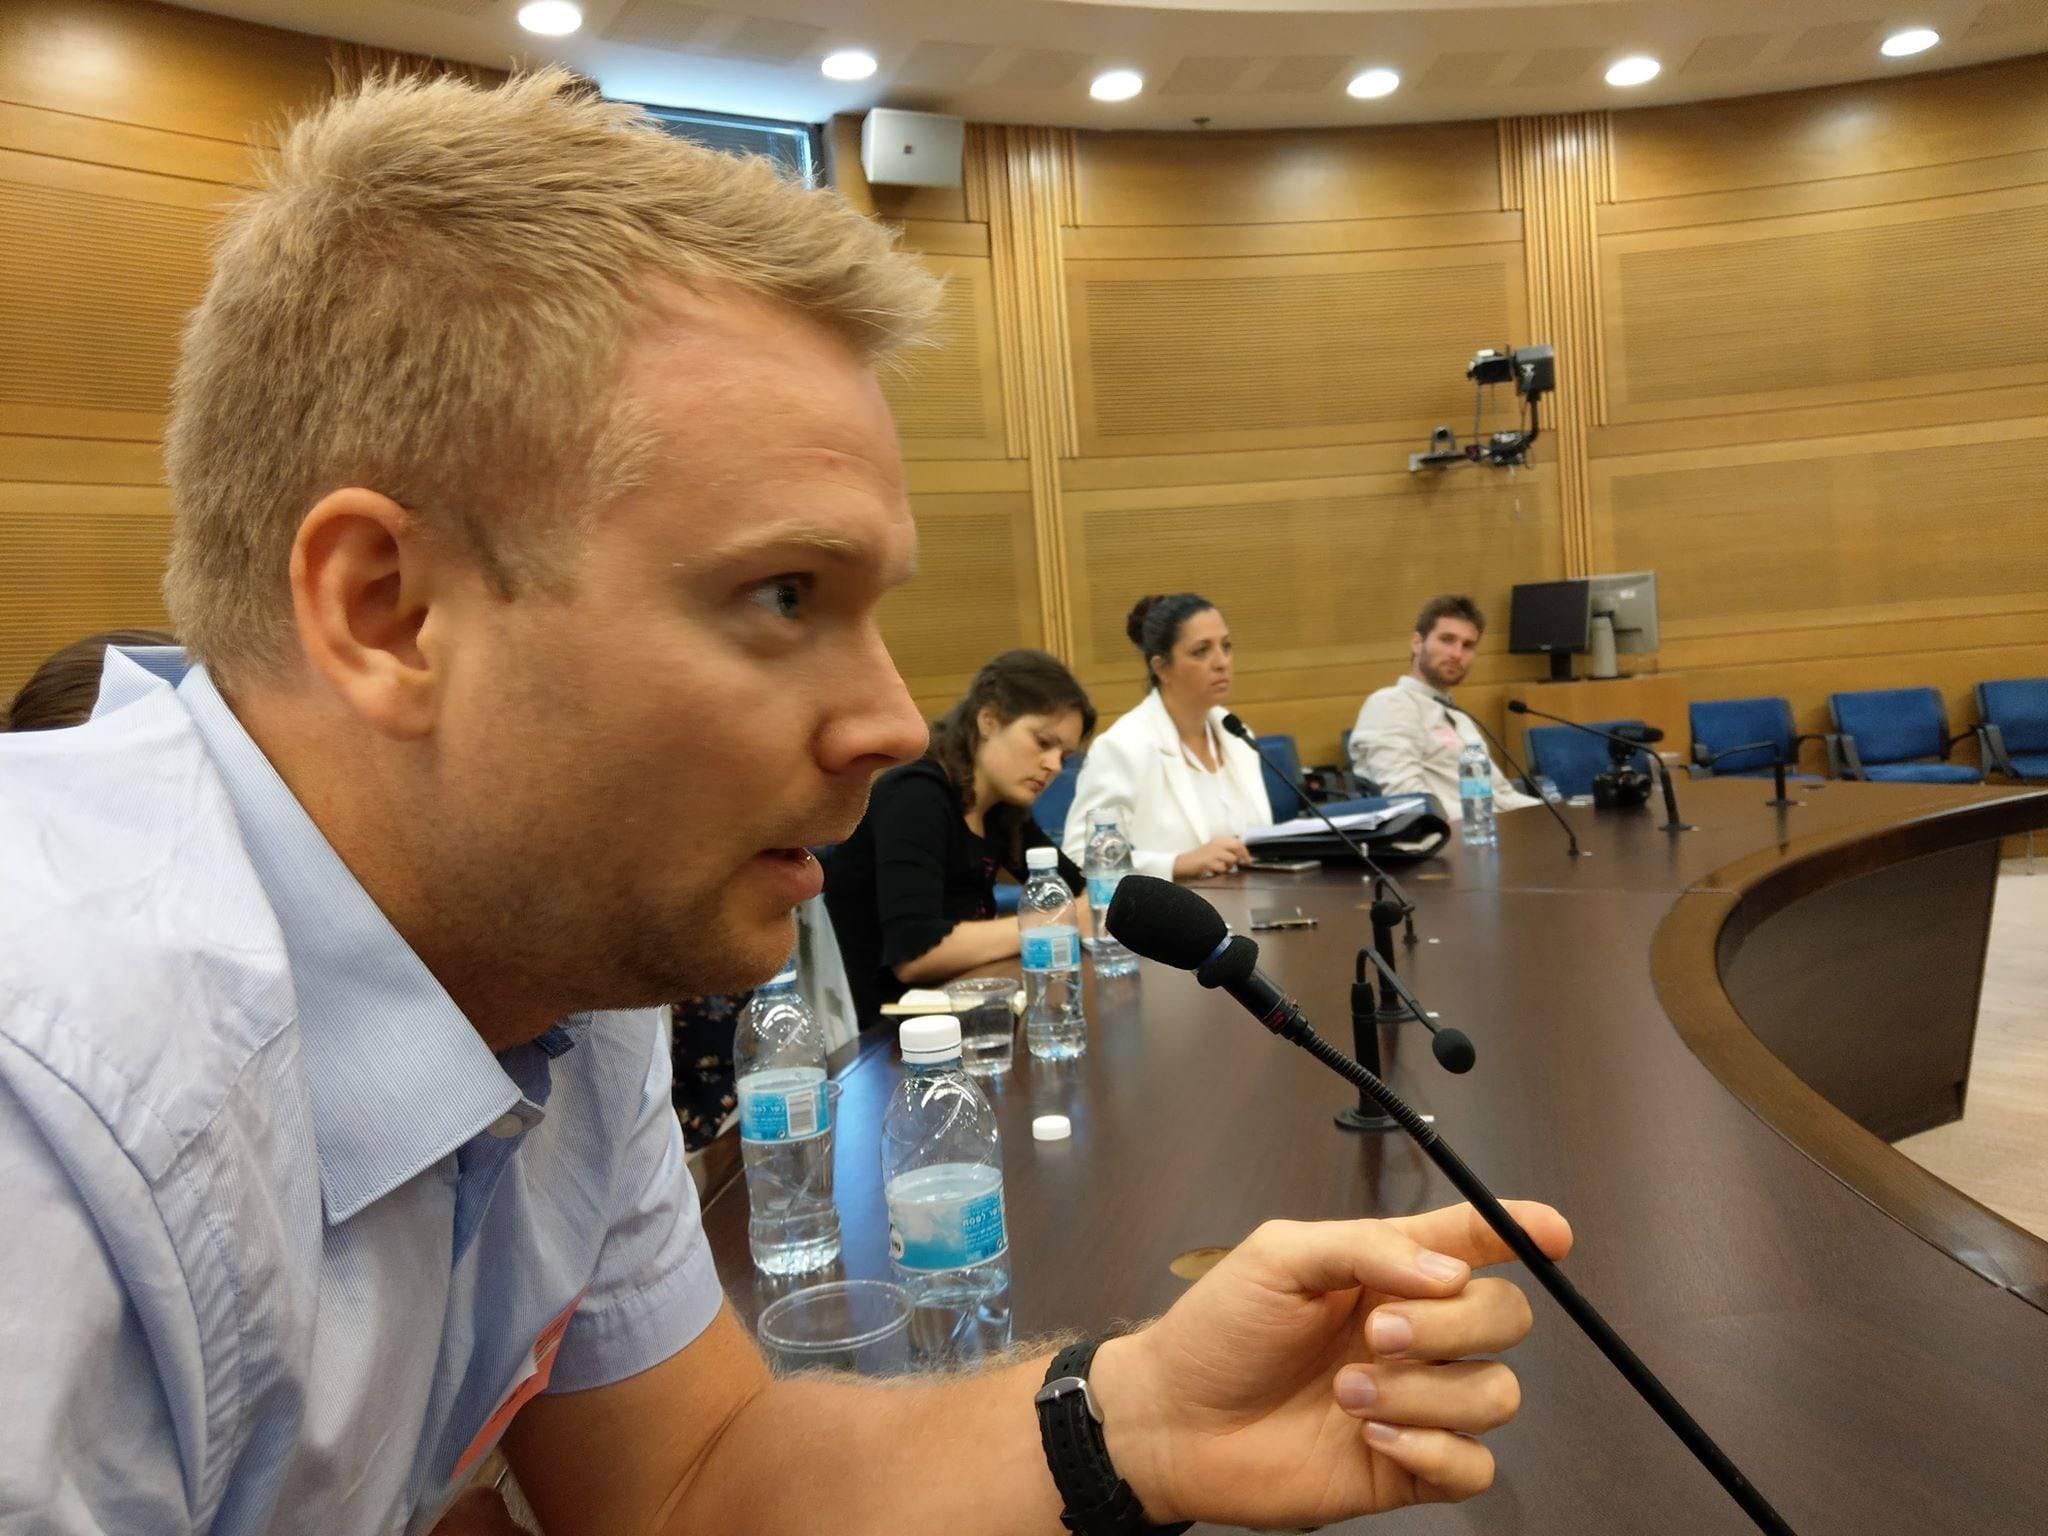 MIFFs styremedlem Lars Nordgaard stiller spørsmål i møte med en av Knesset-representantene. (Foto: Kjetil Ravn Hansen)